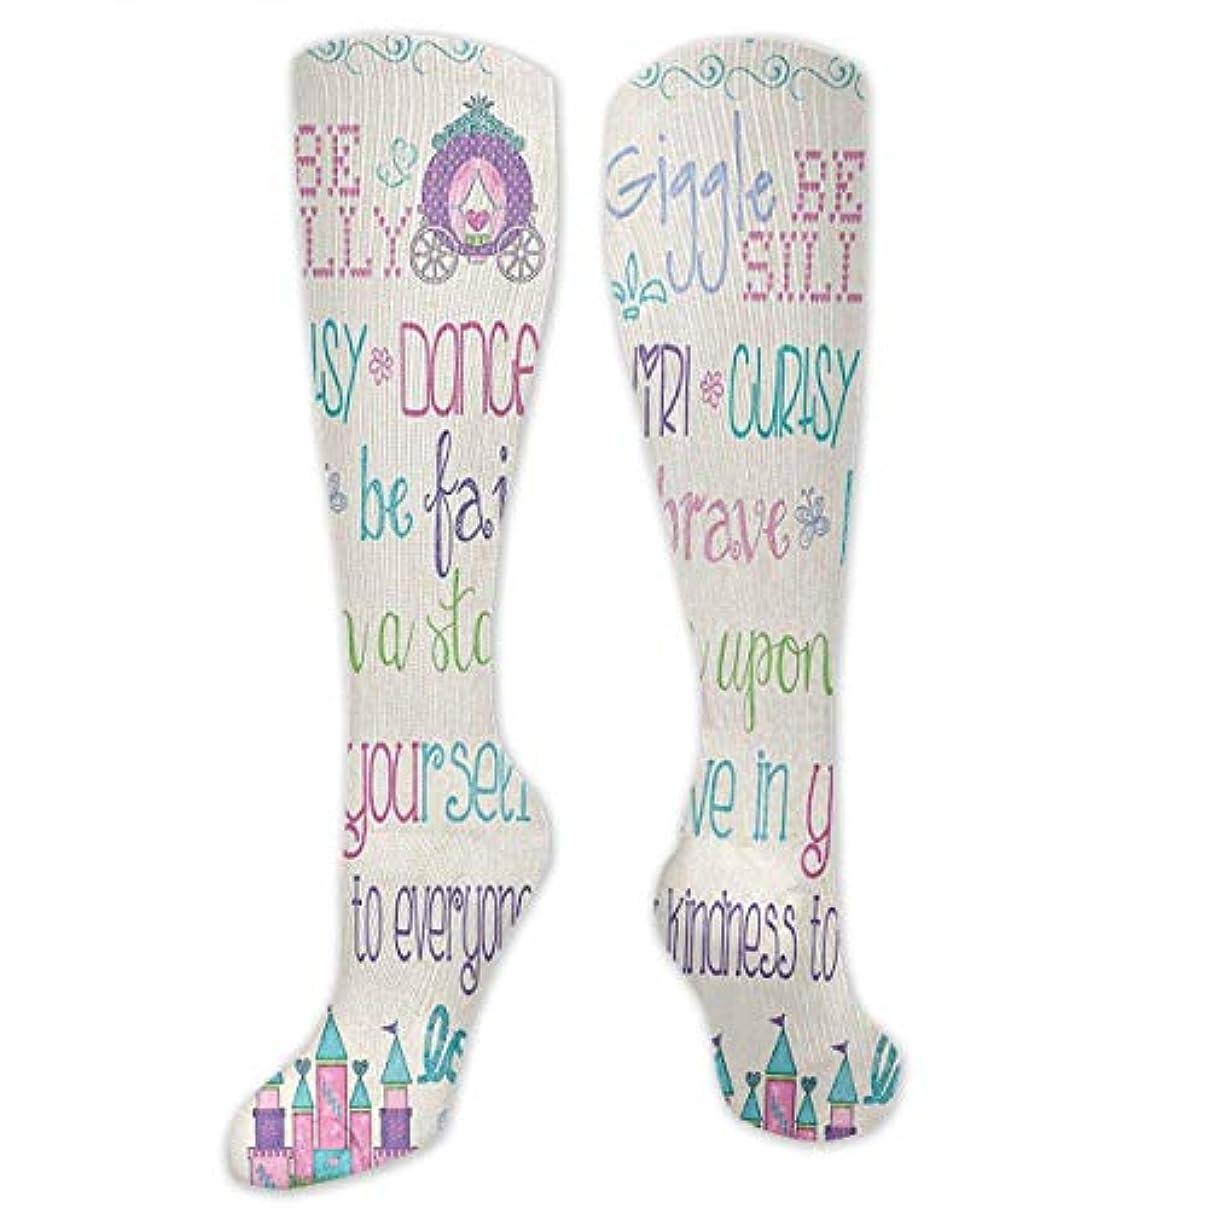 代わりにを立てる時折銀行靴下,ストッキング,野生のジョーカー,実際,秋の本質,冬必須,サマーウェア&RBXAA Princess Rules Castle Carriage Socks Women's Winter Cotton Long Tube...